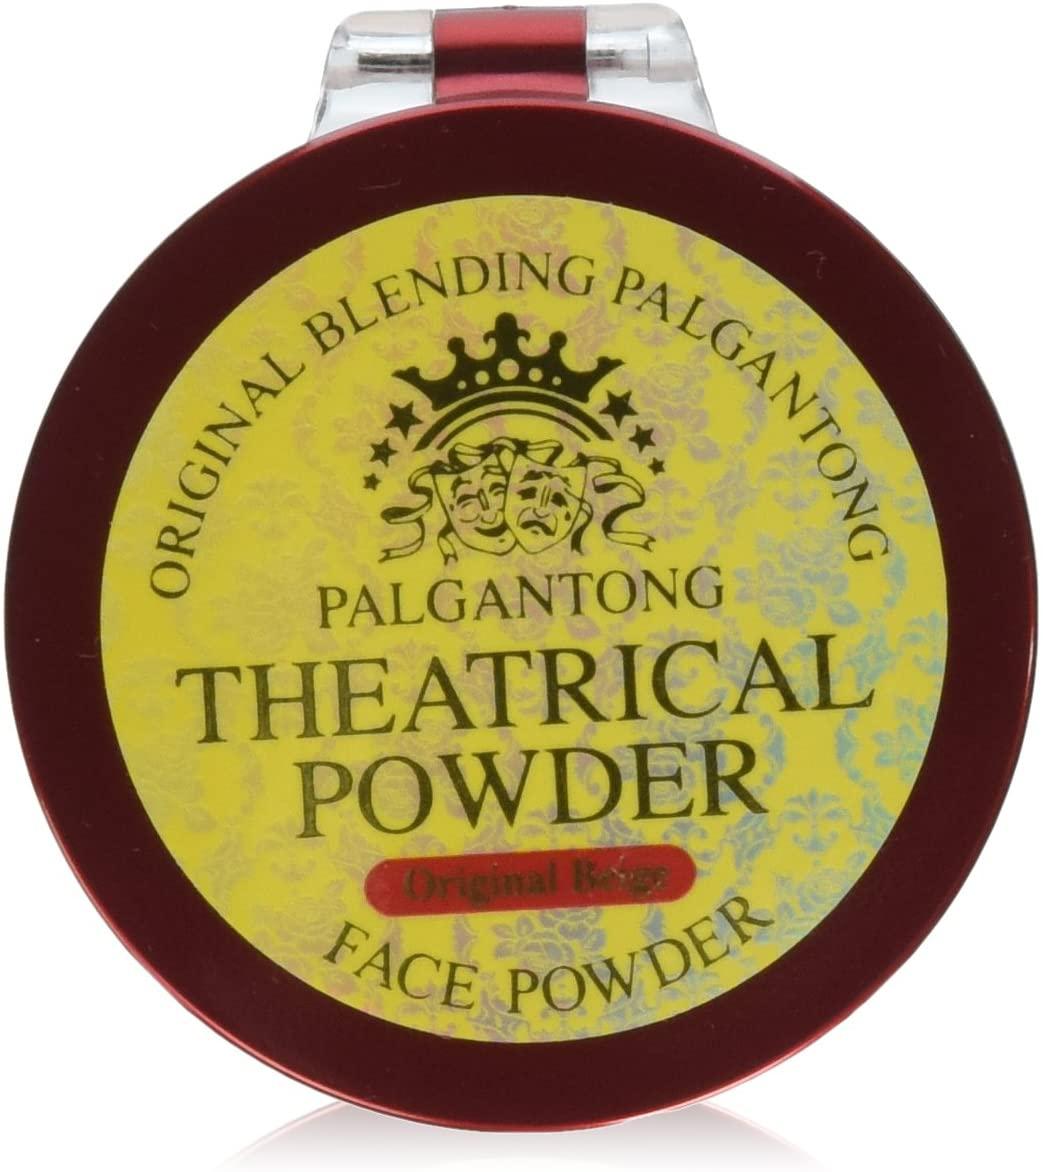 PALGANTONG(パルガントン)シアトリカルパウダーNの商品画像